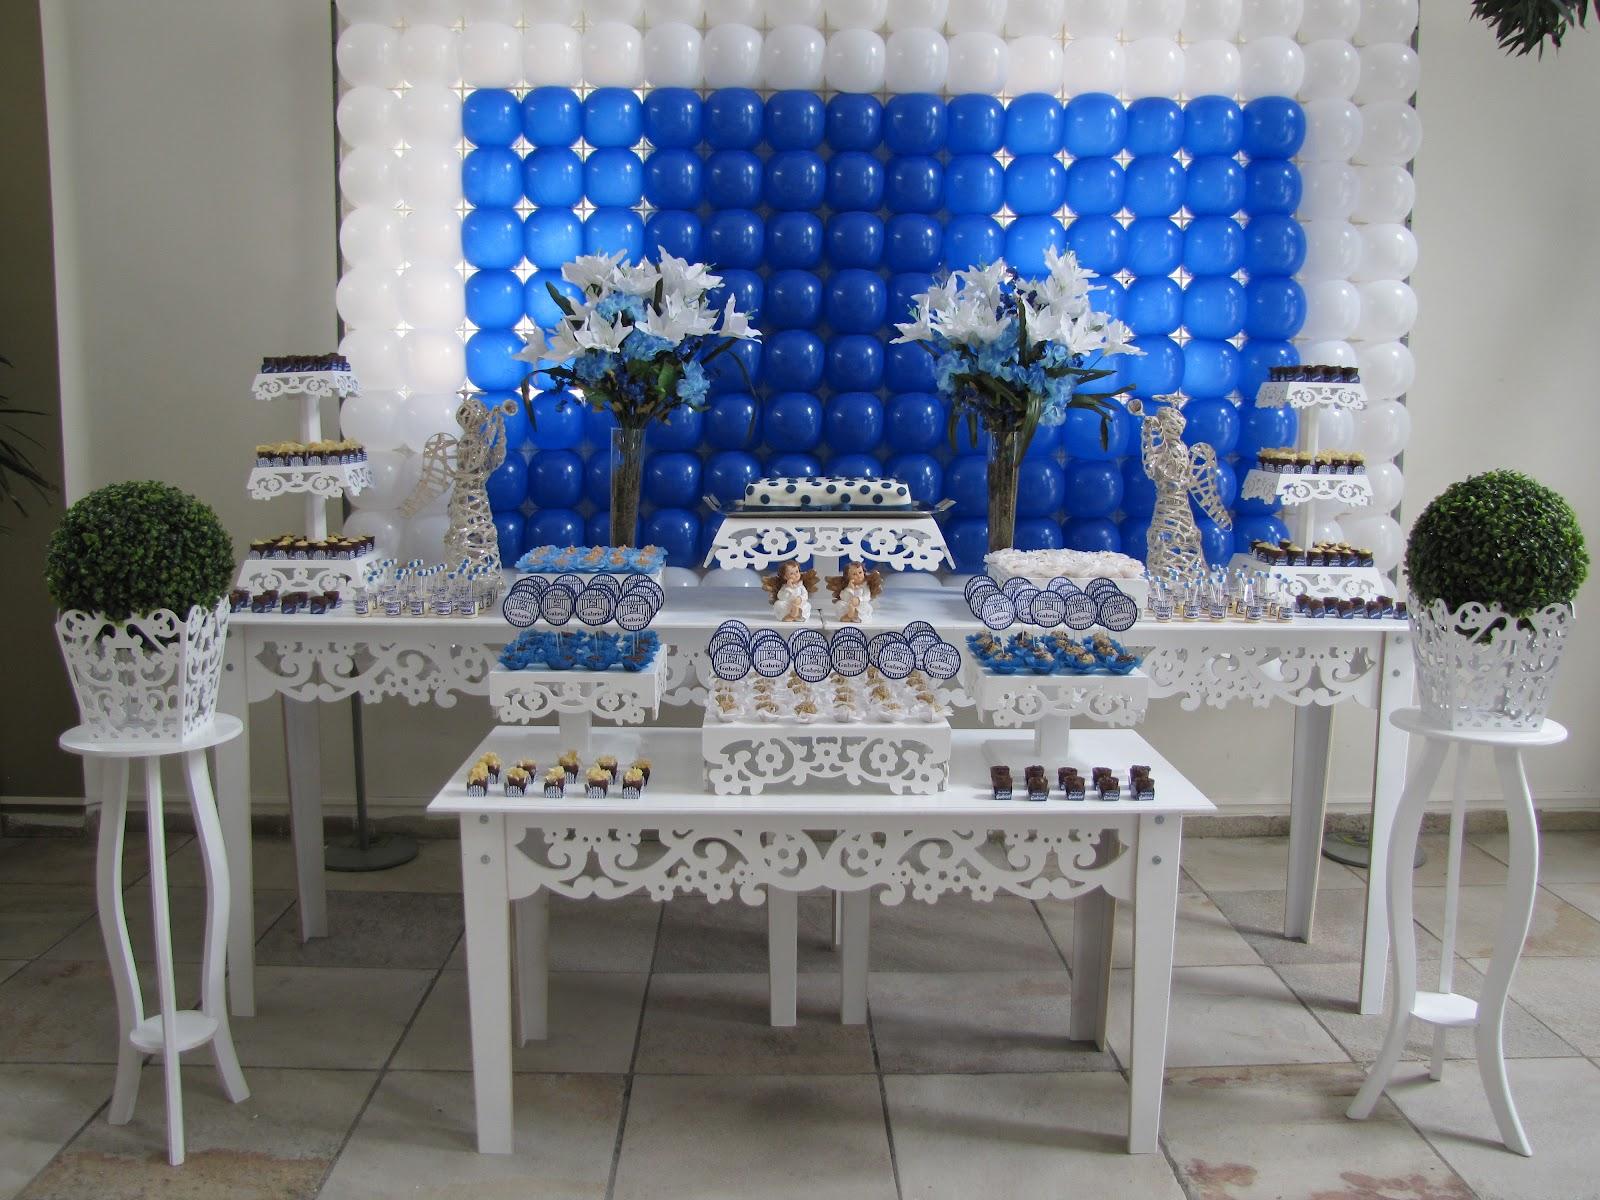 Batizado Azul Marinho E Branco Para Alessandro Car Interior Design #0C49BC 1600x1200 Banheiro Azul Marinho Com Branco